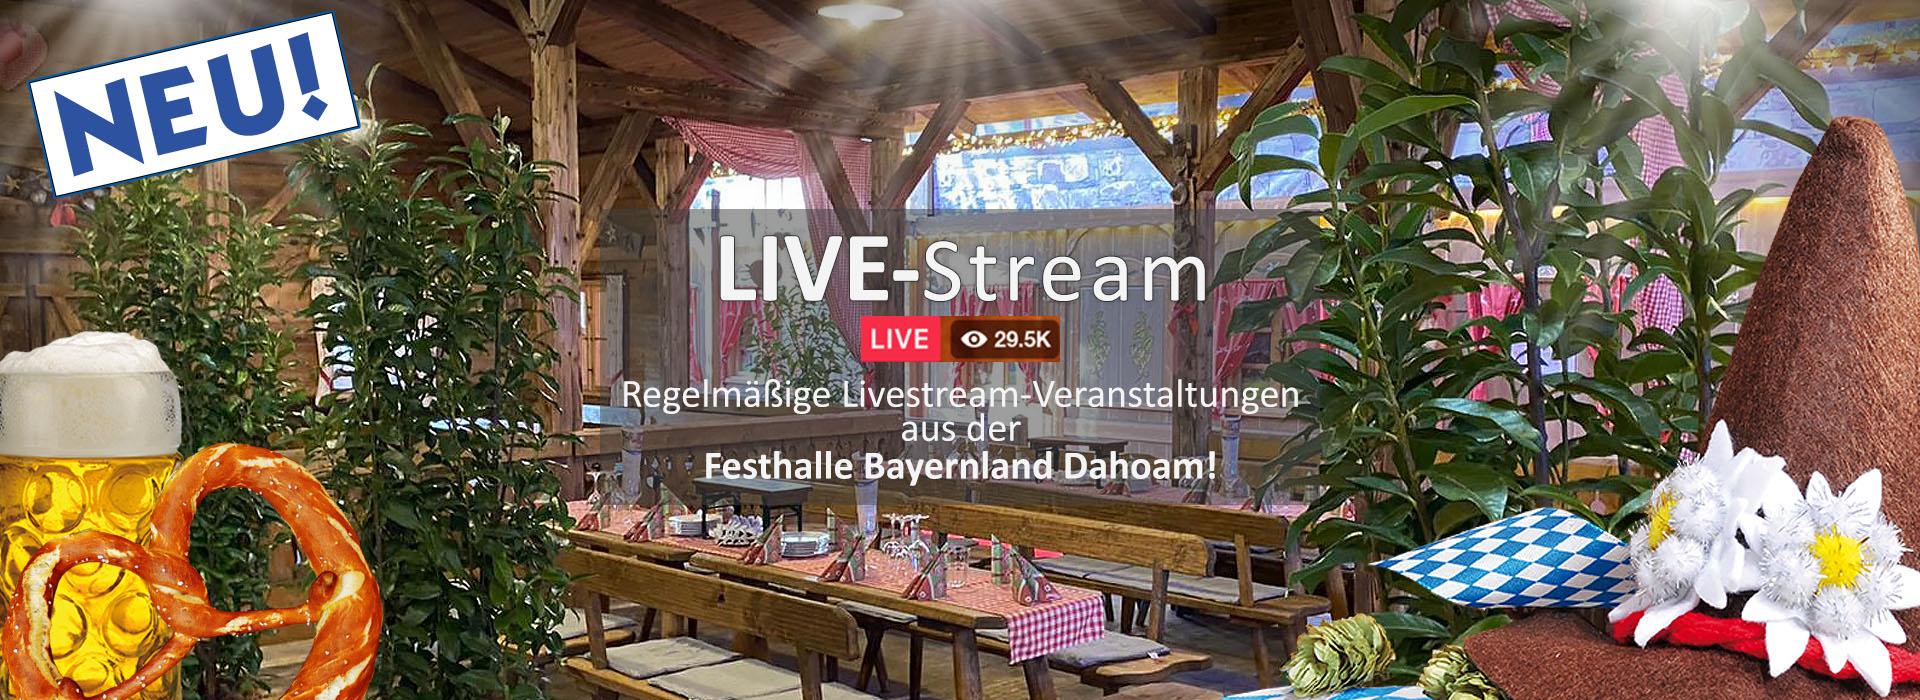 livestream_festzelt_muenchen_abensberg_festhalle-bayernland_2021_dahoam_schoeniger_volksfest